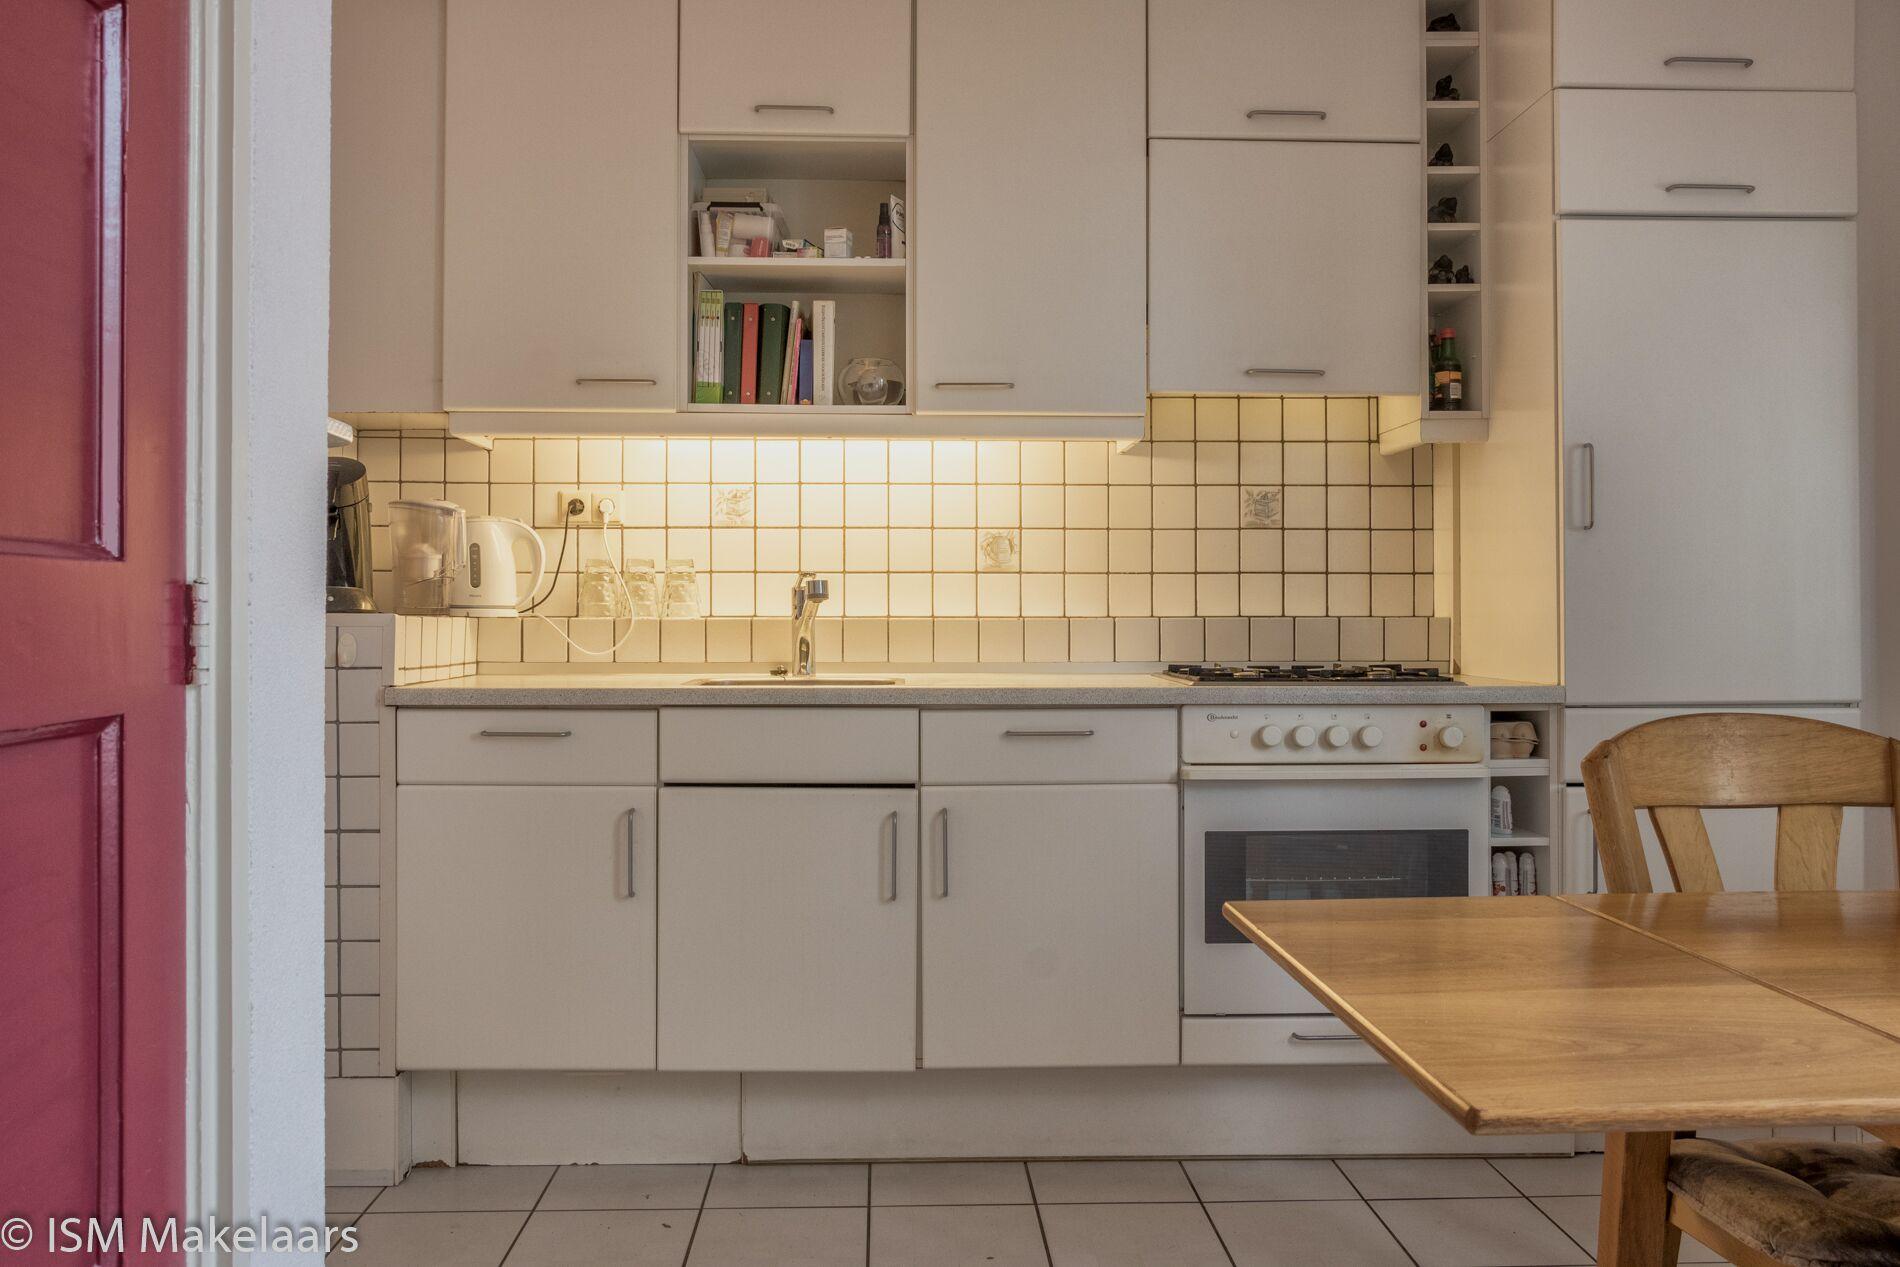 Keuken werrilaan ISM makelaars